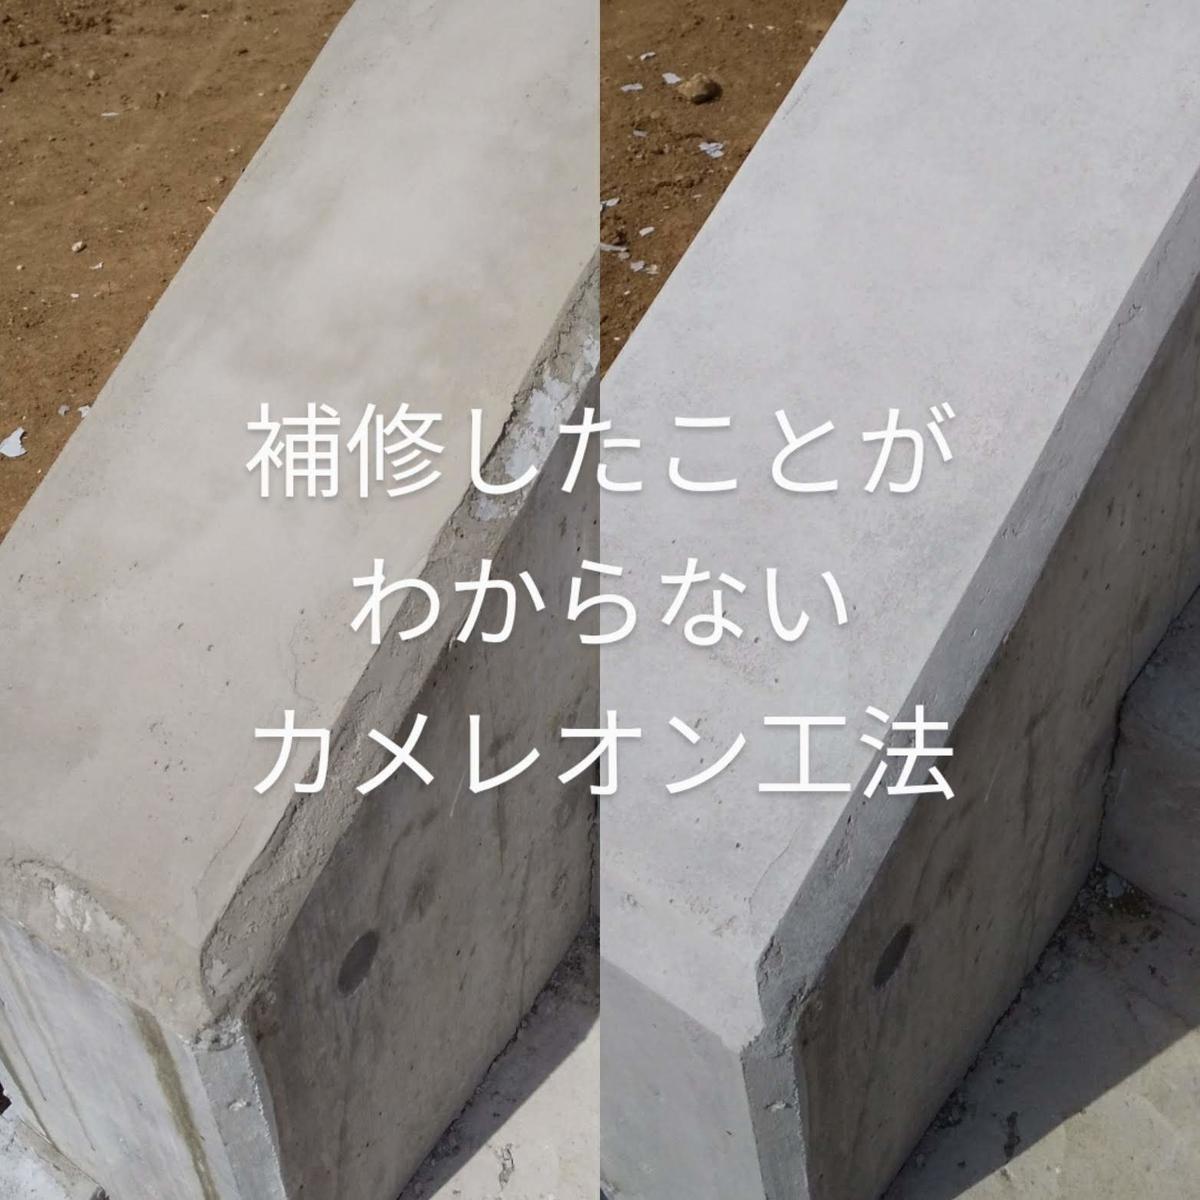 f:id:sakikaku2009:20200416204851j:plain